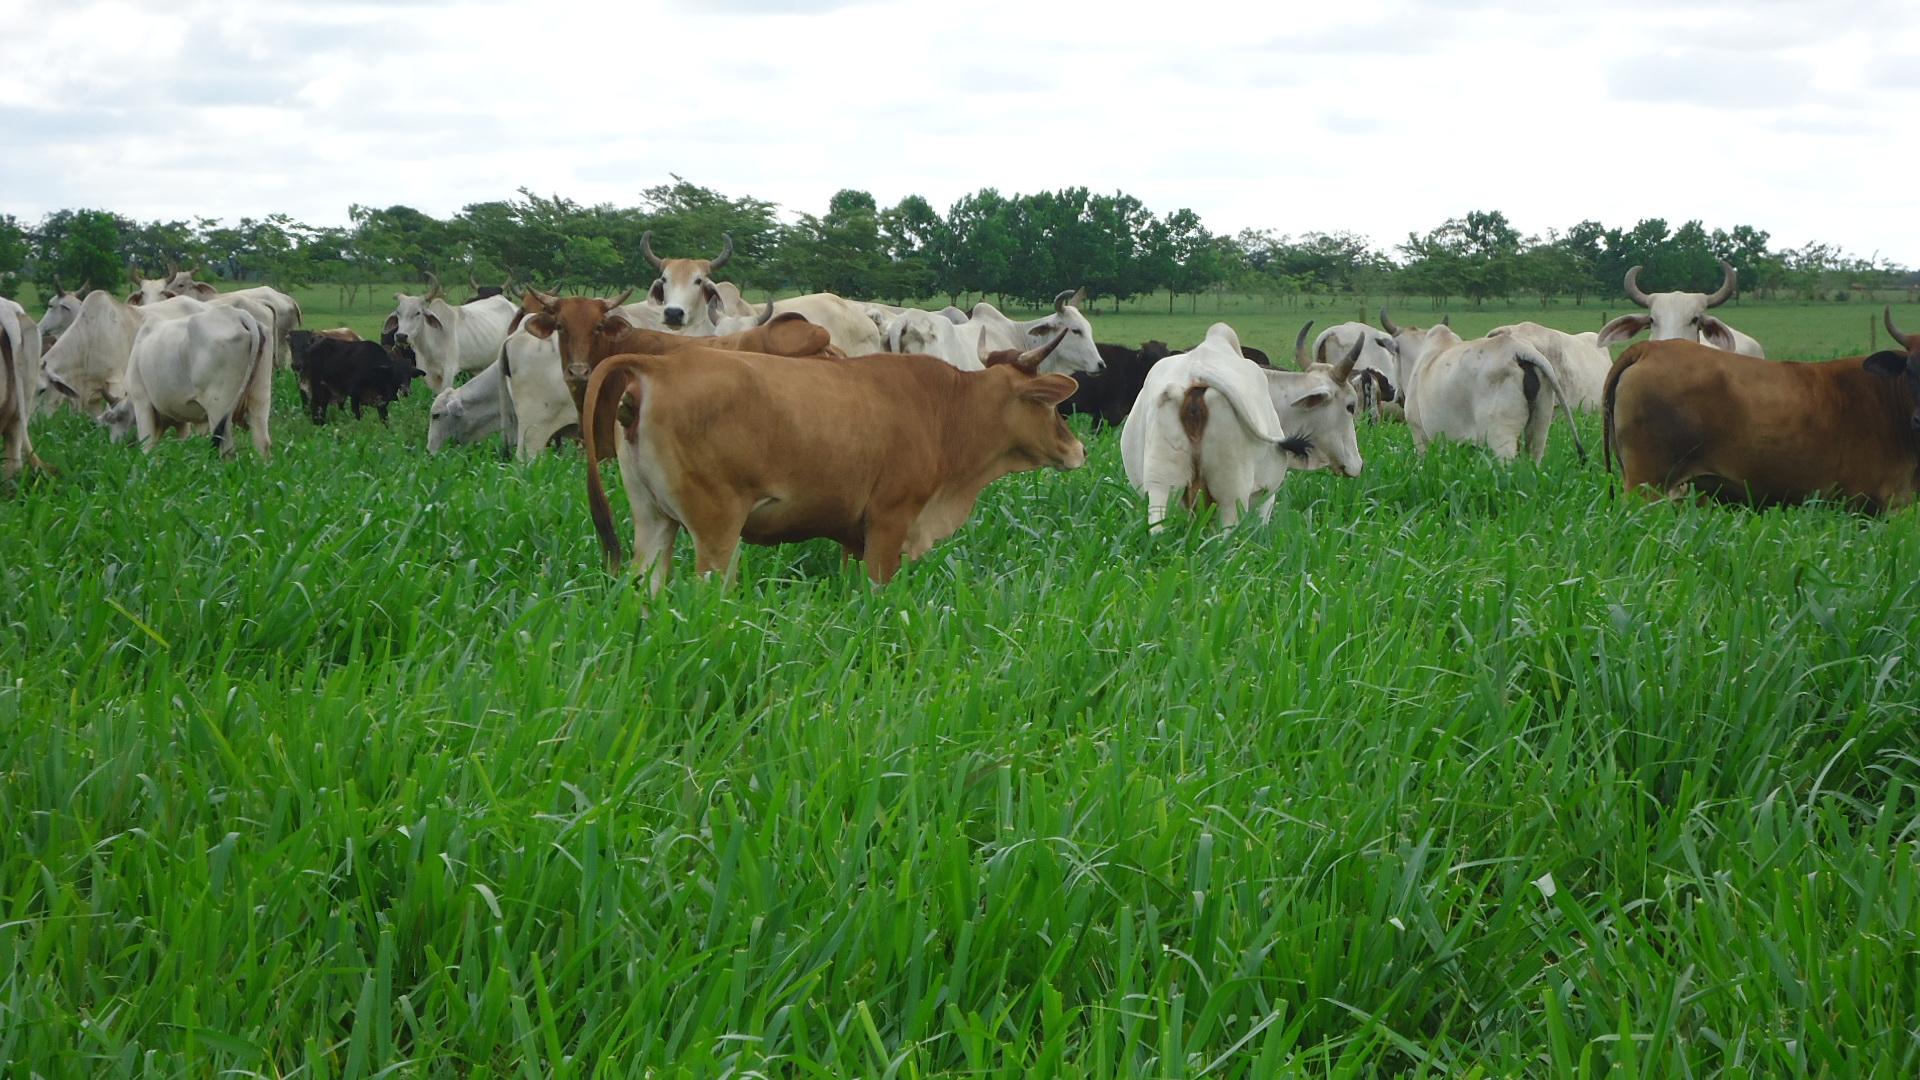 Recomendaciones sobre el uso y manejo de pasto Toledo (Brachiaria brizantha CIAT 26110). Gramínea de crecimiento vigoroso para intensificar la ganadería colombiana